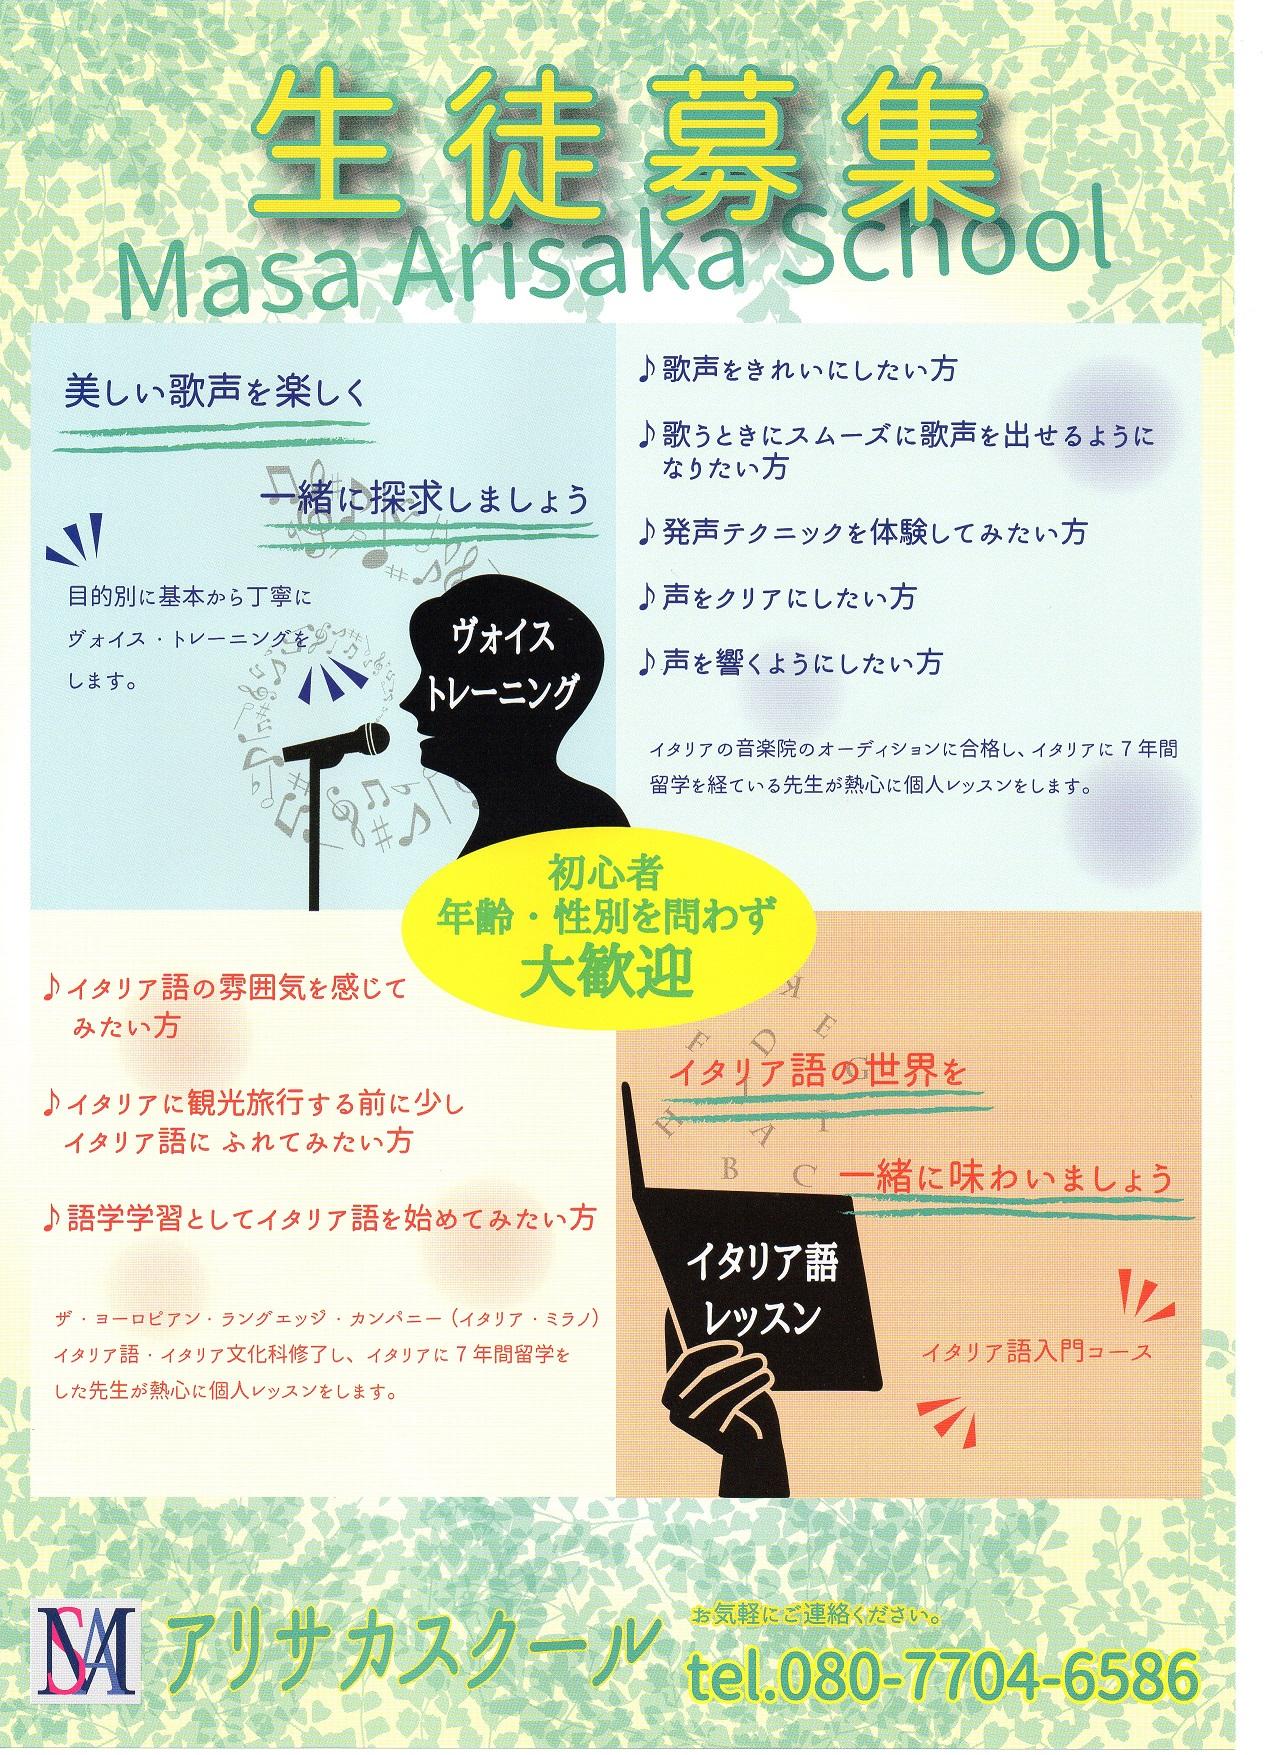 アリサカスクール チラシ 3.jpg